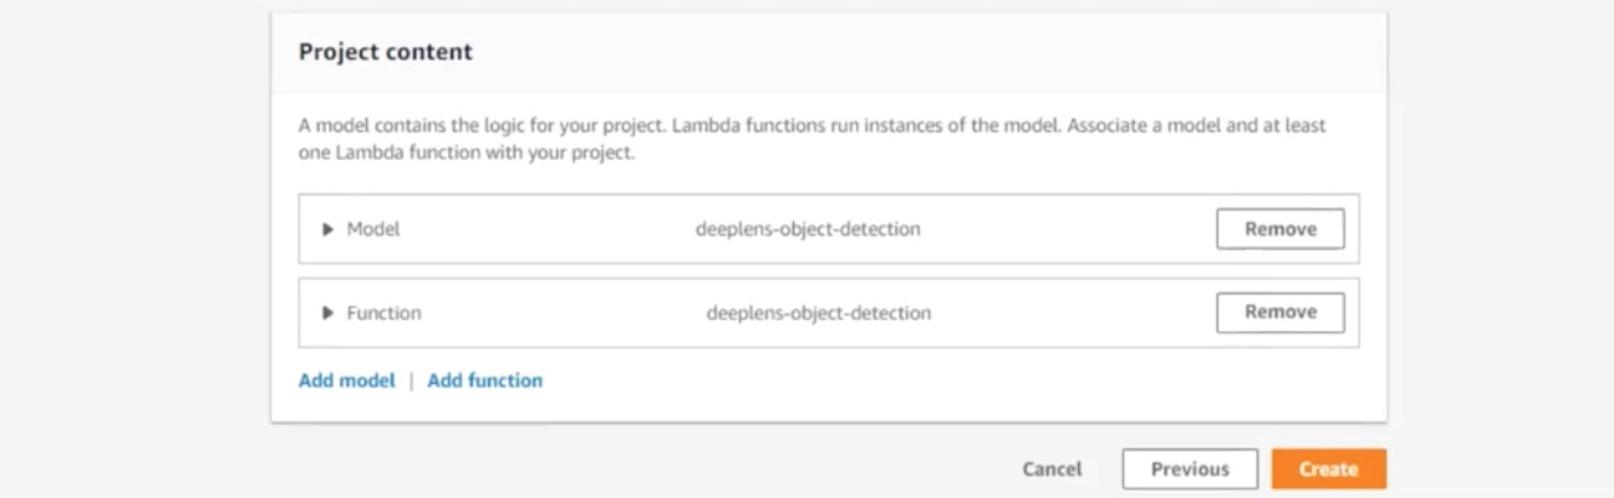 Камера Amazon DeepLens с глубоким обучением. Распаковка, подключение и развертывание проекта - 33